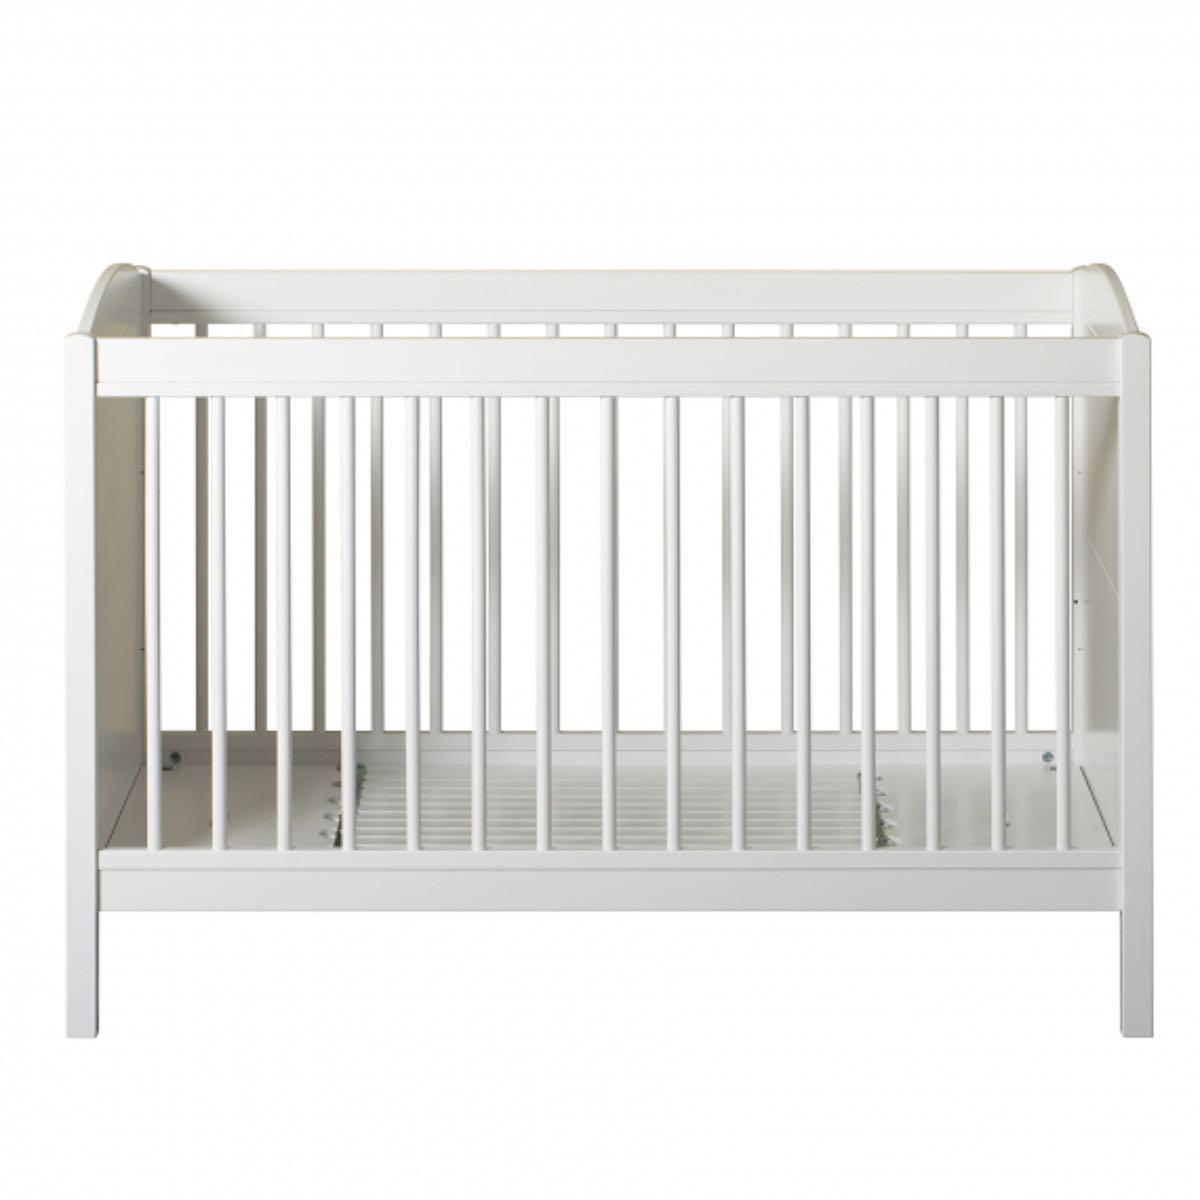 Kit famille LILLE+ Oliver Furniture blanc